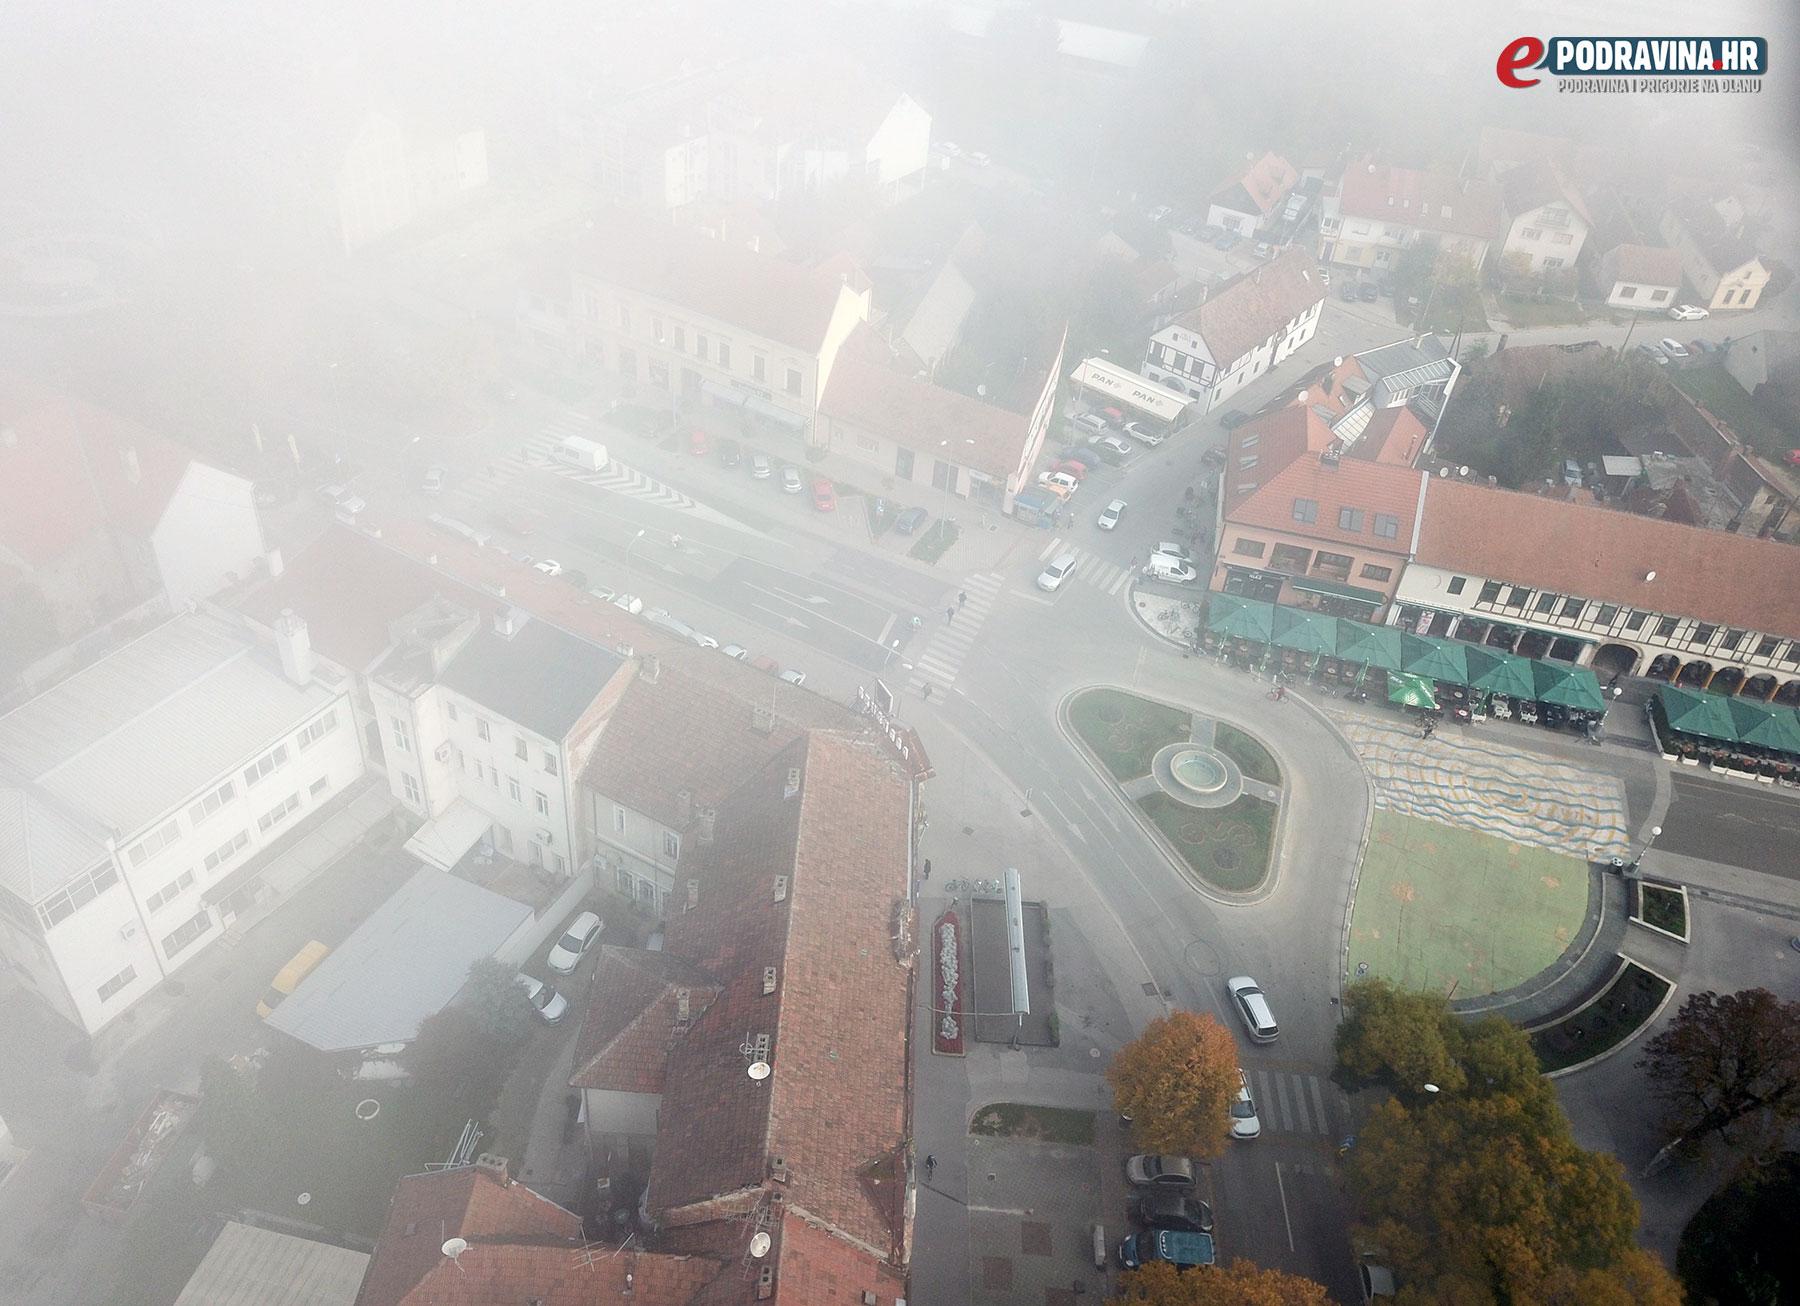 Magla iznad Koprivnice iz zraka